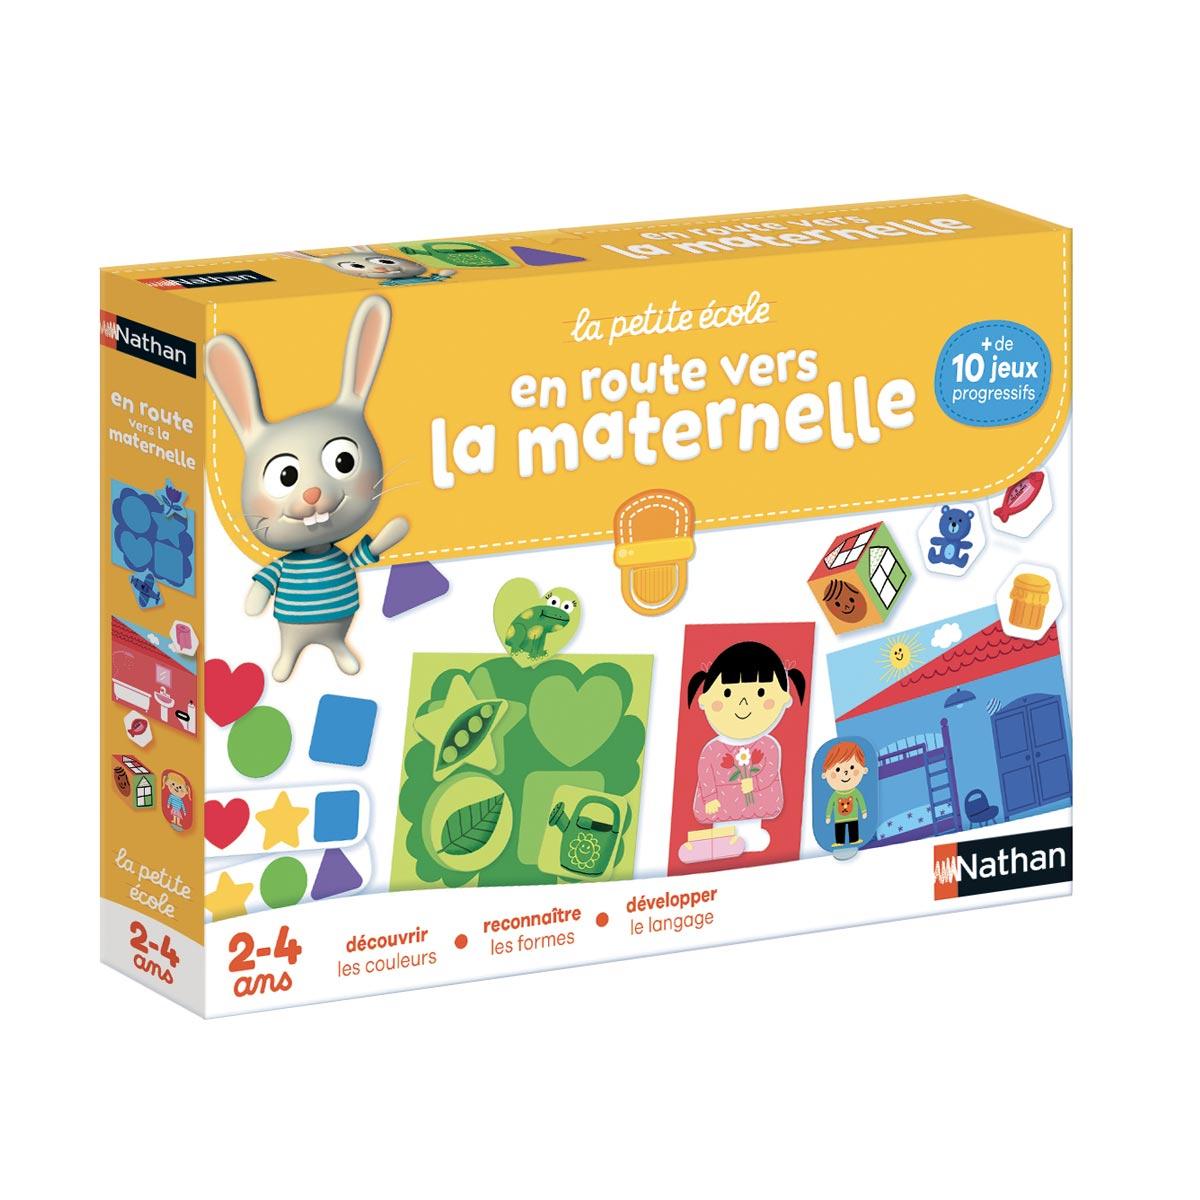 Coffret De Jeux En Route Vers La Maternelle pour Jeu Educatif Maternelle